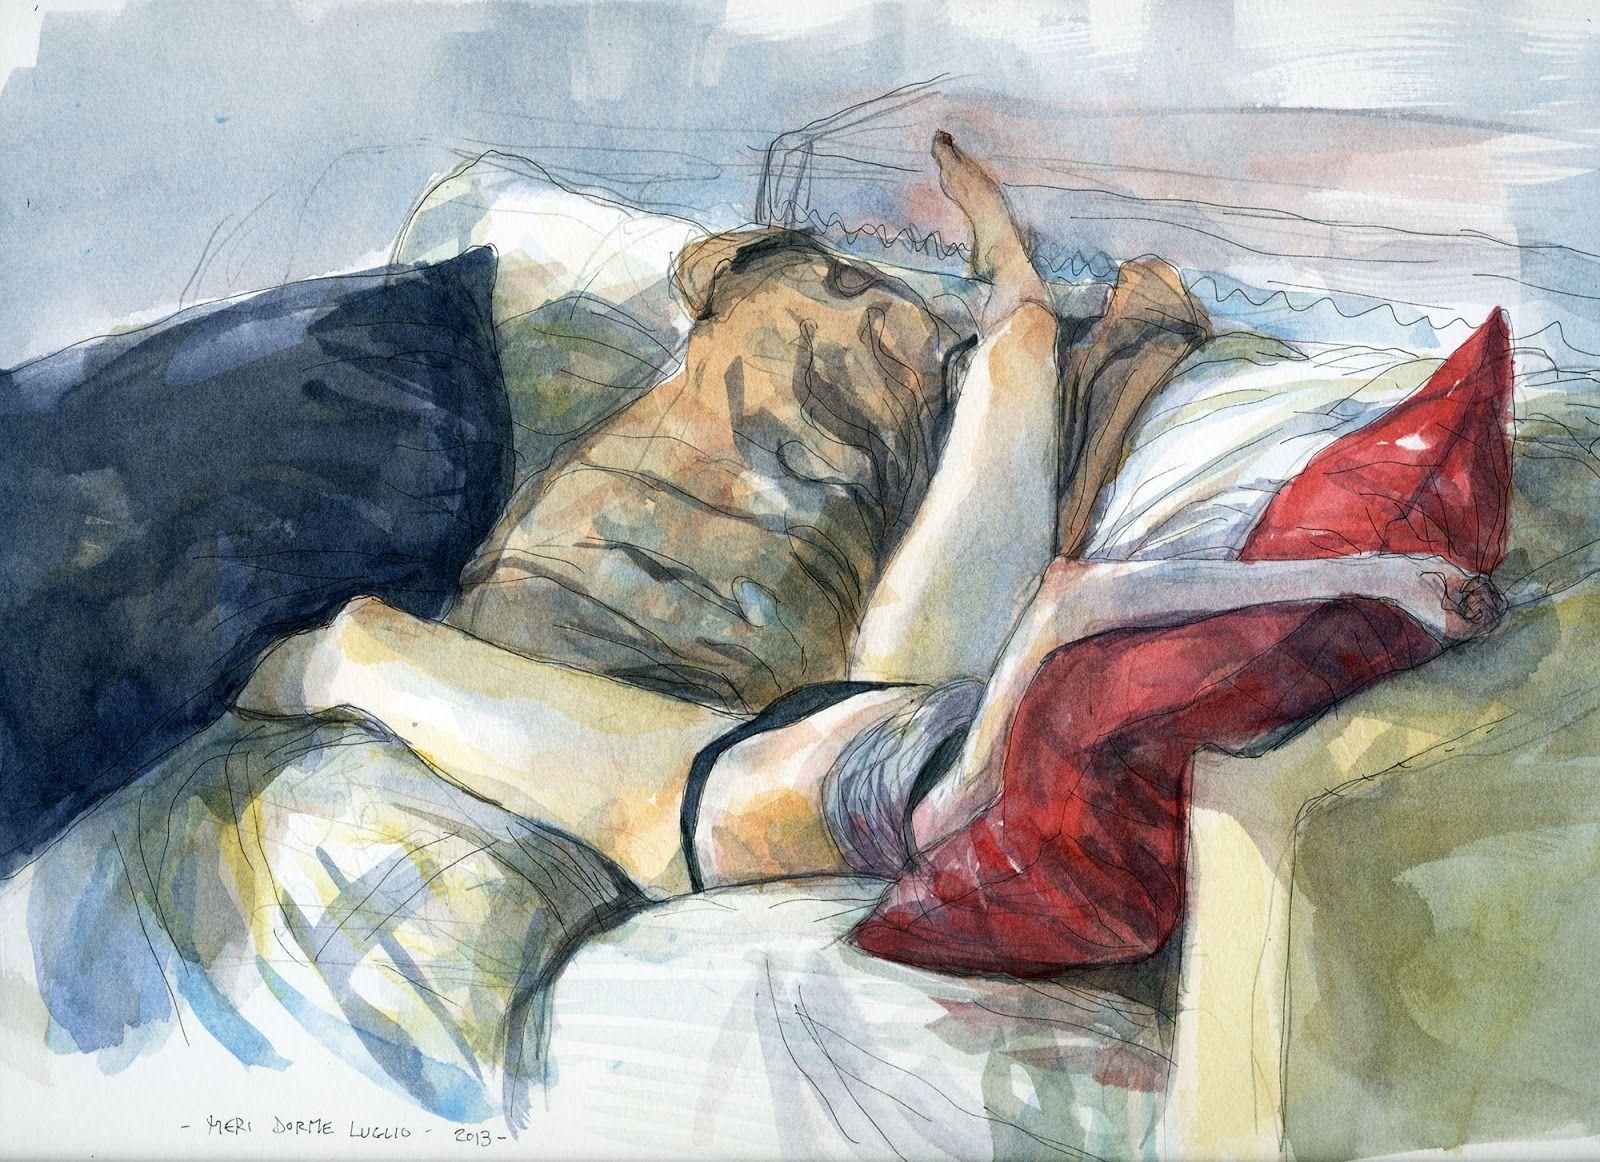 Tavolo gipi ~ Storie disegni e appunti del disegnatore gipi: meri dorme luglio